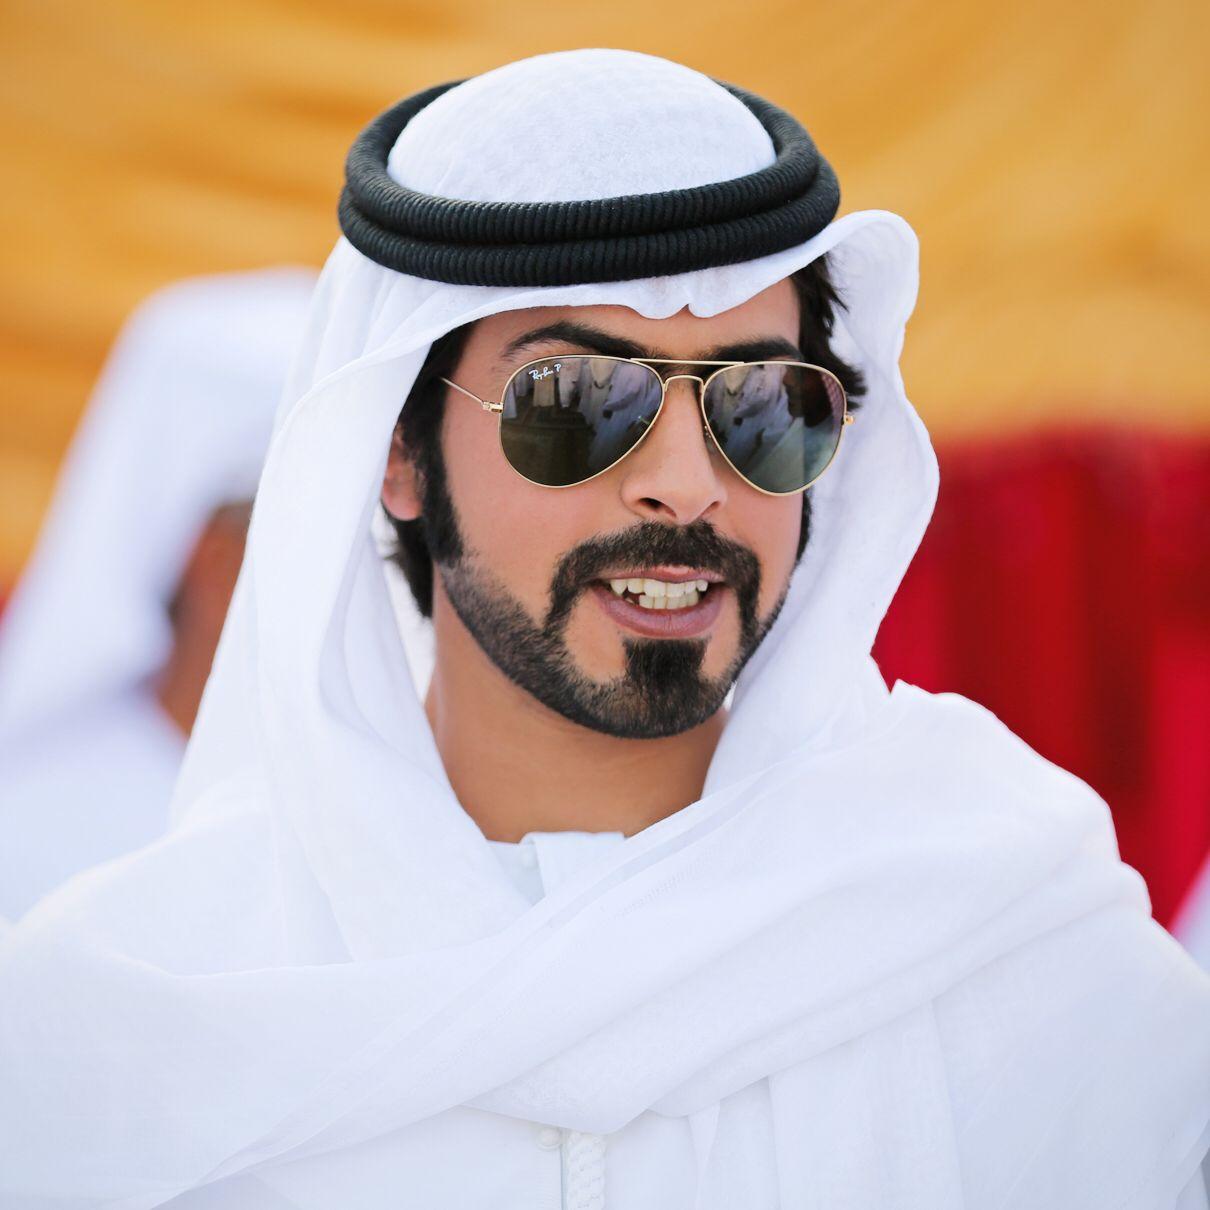 Sheikh Khalifa Bin Tahnoon Bin Mohammed Al Nahyan Fashion Girl Photo Poses Girl Photos